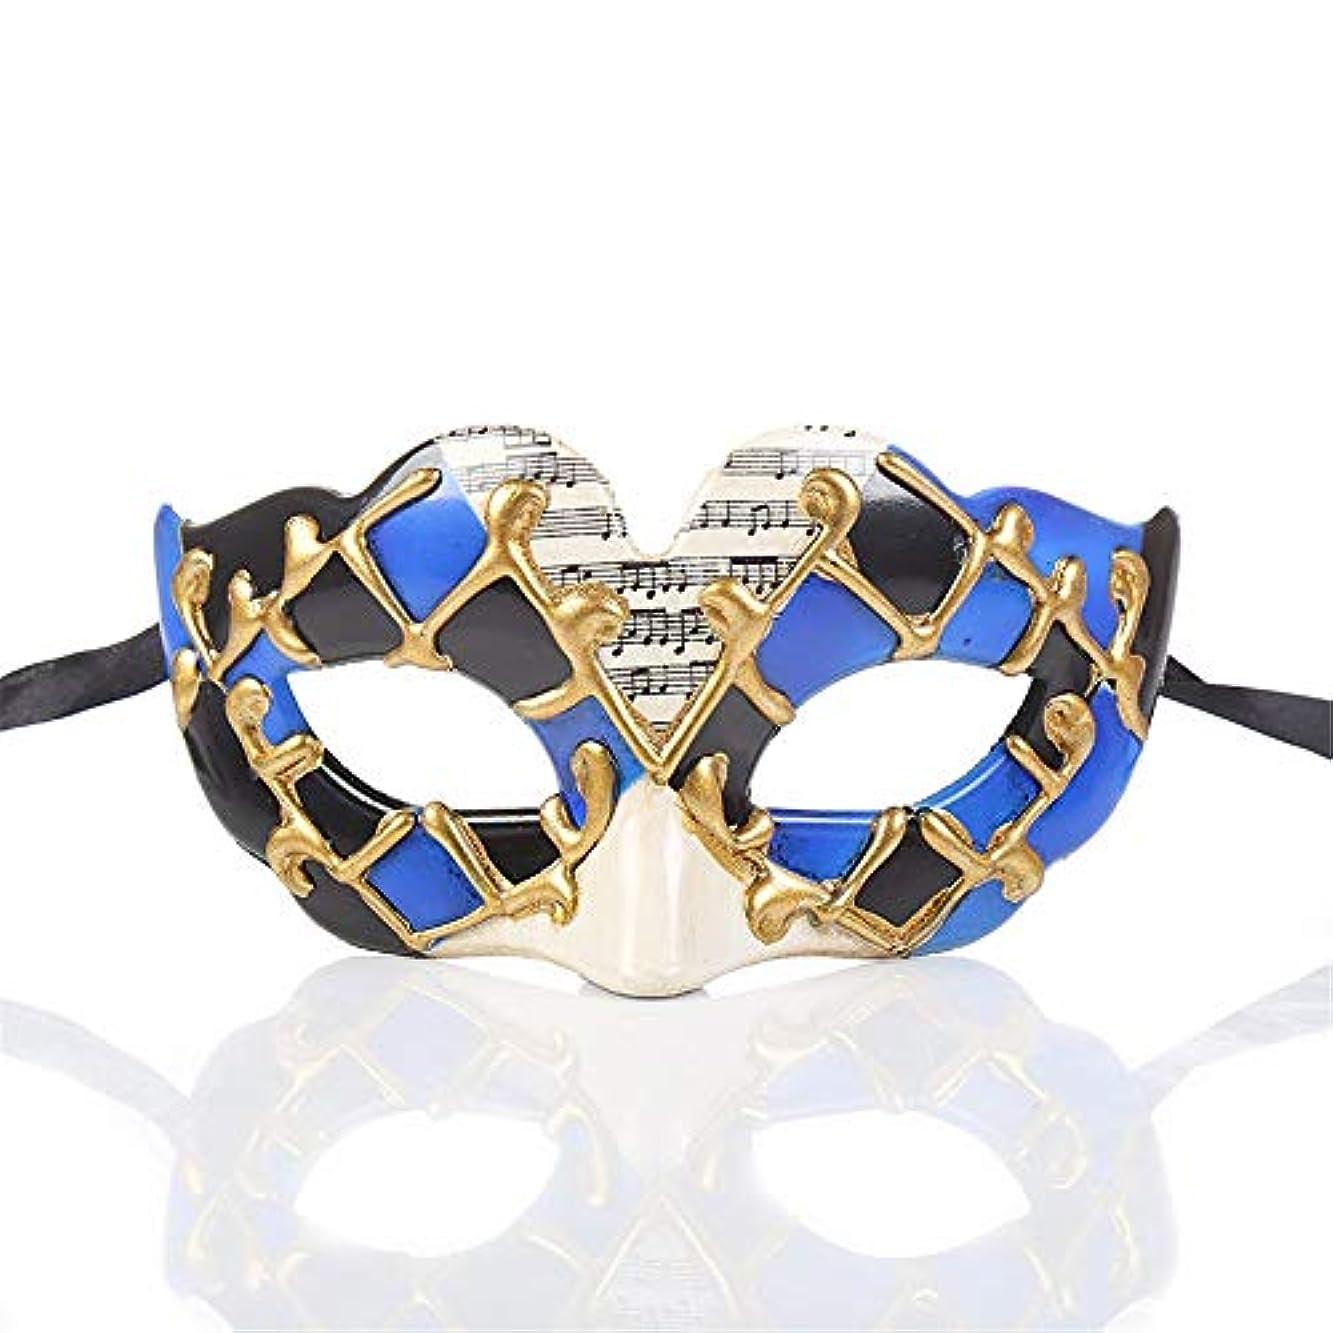 重さ絶えずペンダンスマスク パーティーCospalyマスクハロウィーンマスカレードデコレーションマスクフェスティバルプラスチックマスク ホリデーパーティー用品 (色 : 青, サイズ : 14.5x7.5cm)